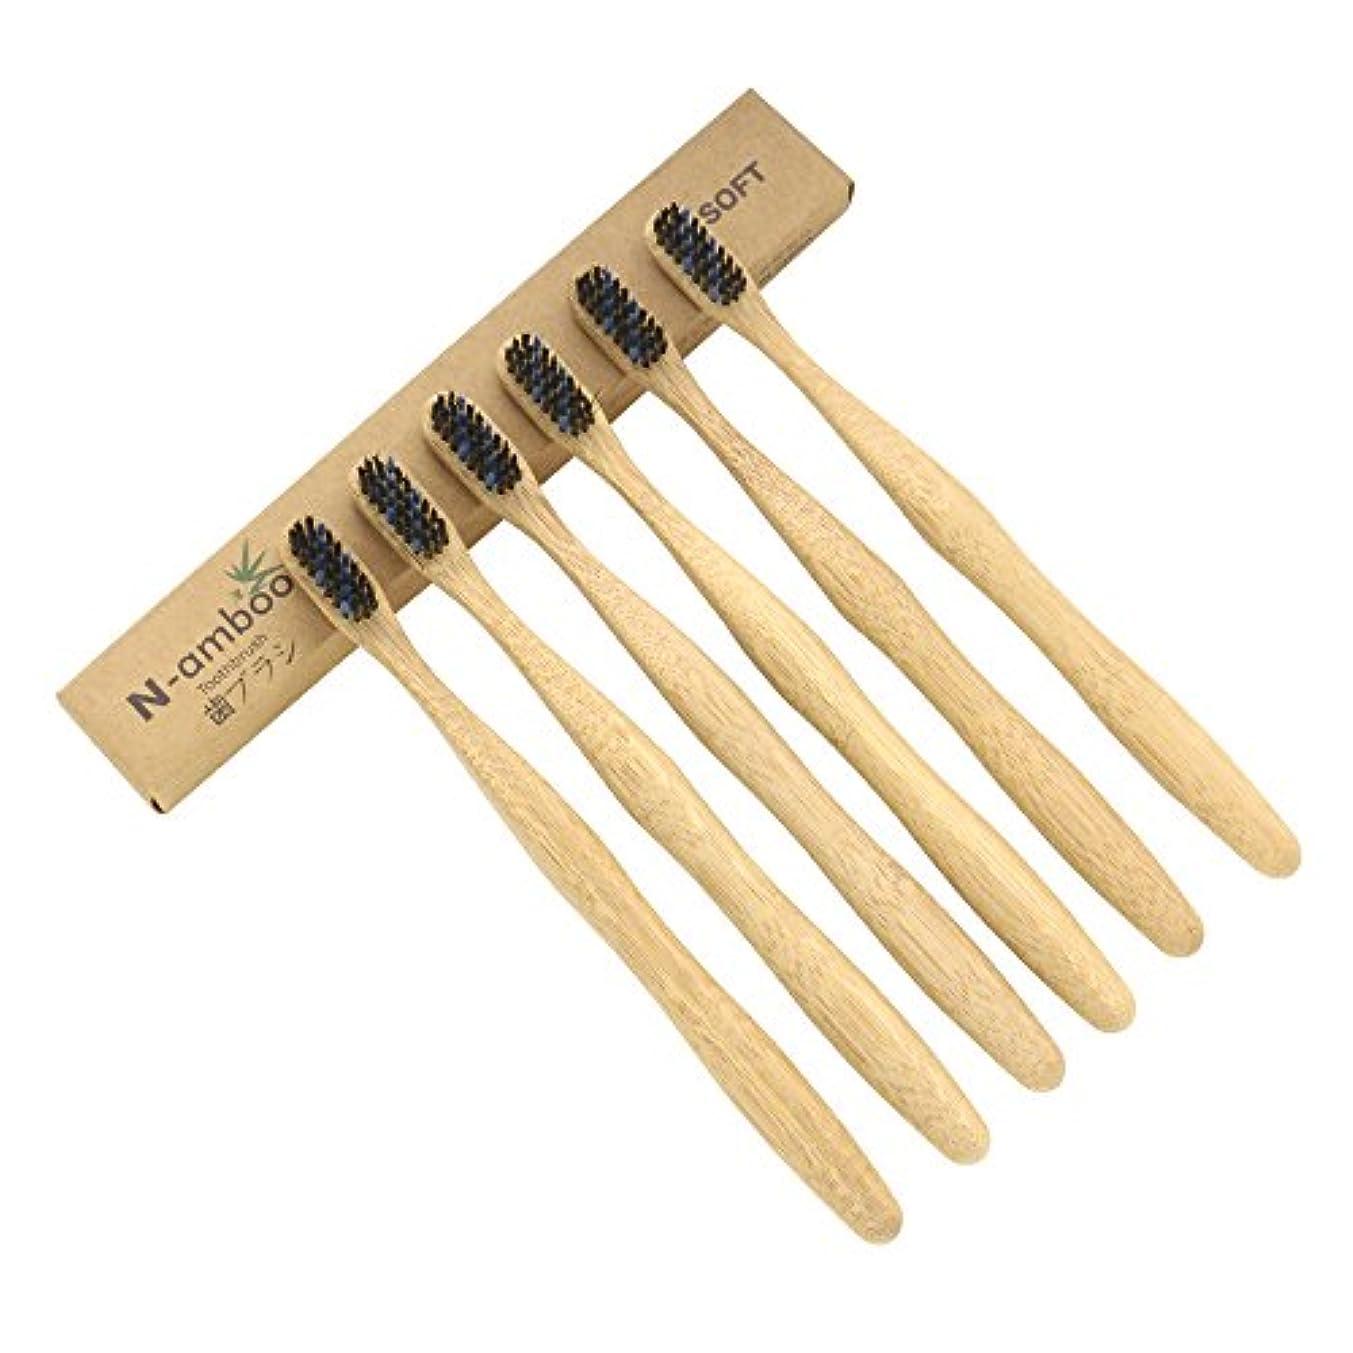 渦フライカイト退却N-amboo 竹製耐久度高い 歯ブラシ 黒と青 6本入り セット